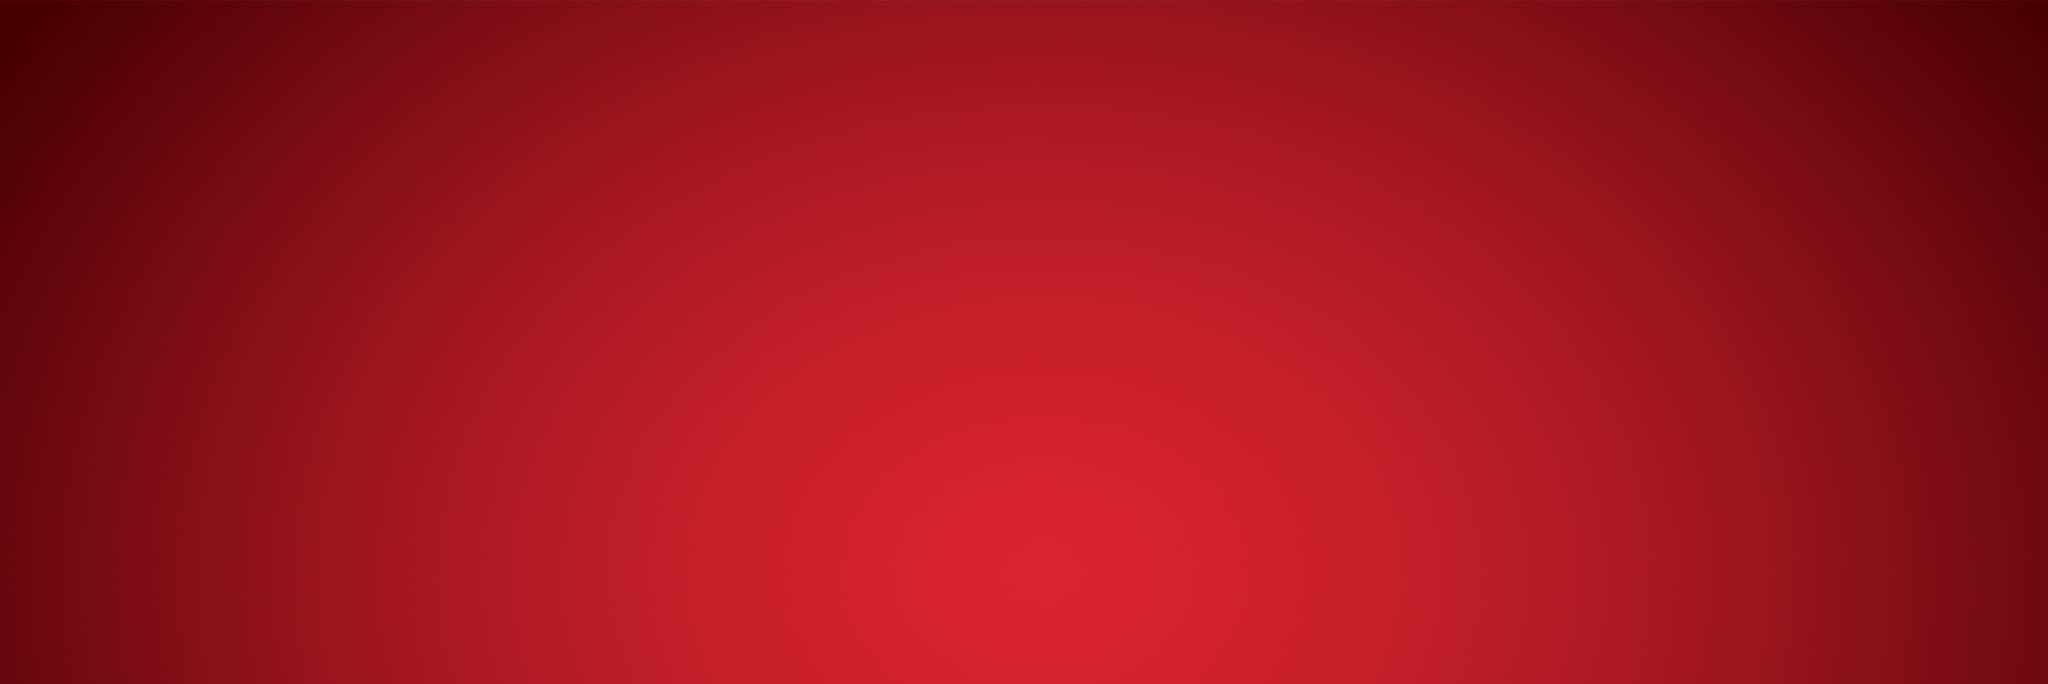 Turning Red - EMEA banner - slim banner